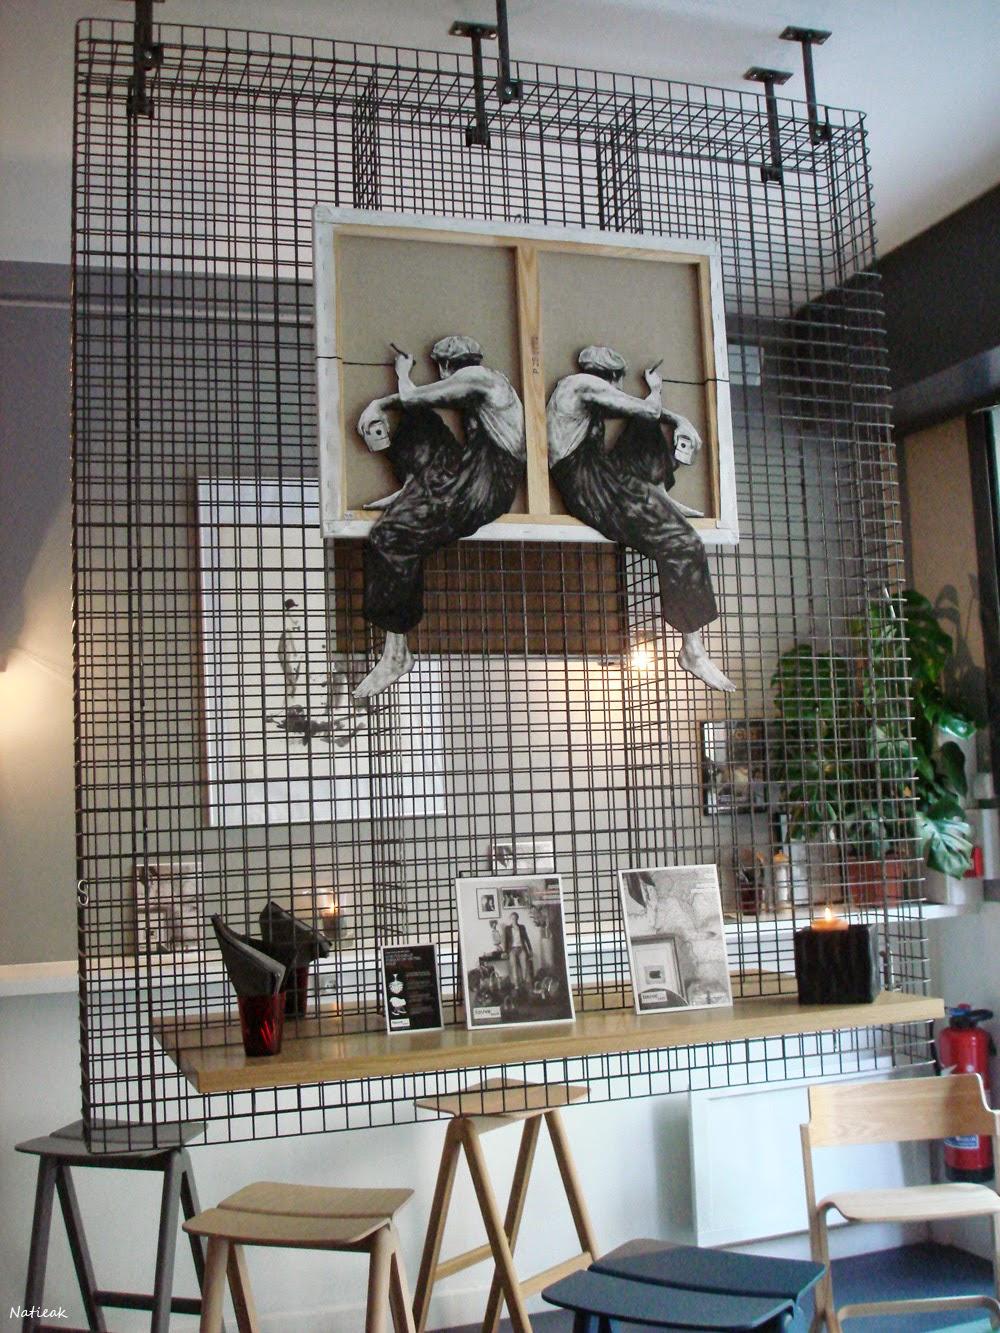 L'Abreuvoir, 38 rue Amelot, Paris 11ème